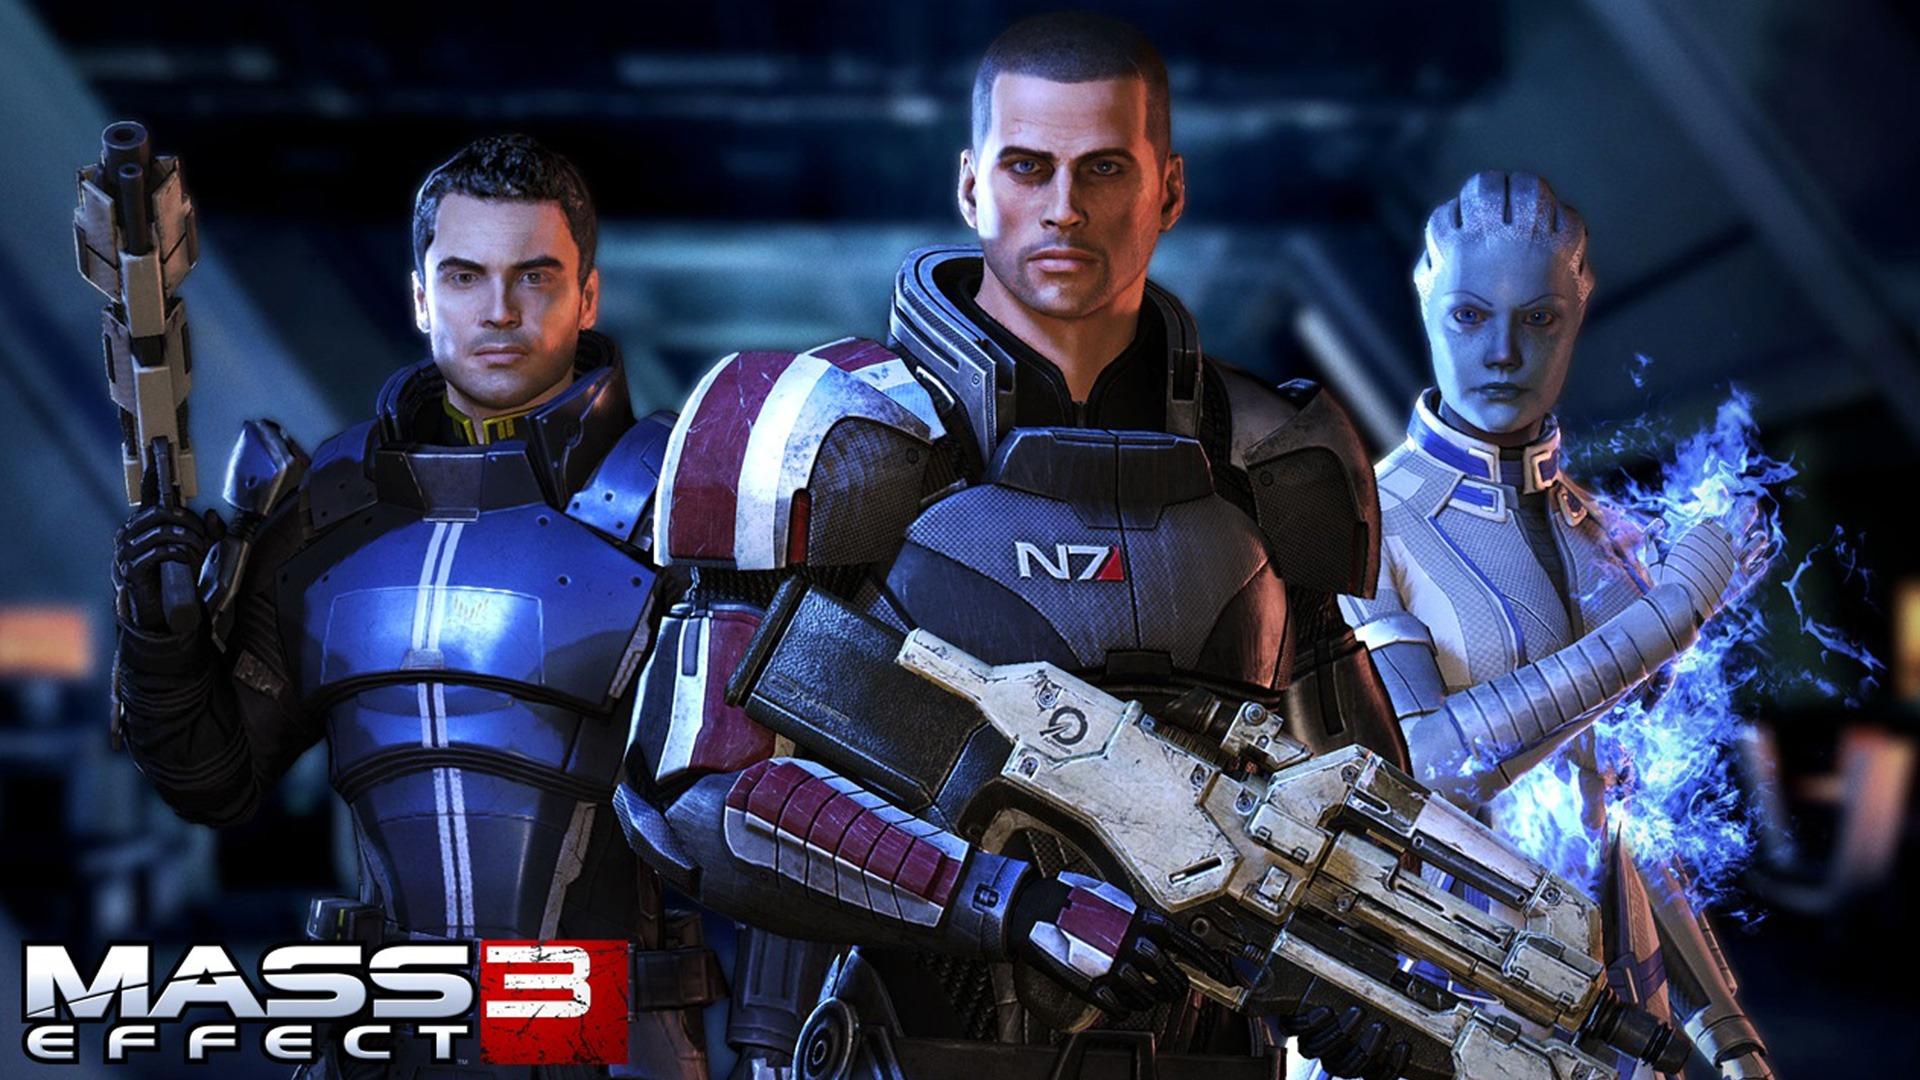 Mass Effect 3 Wallpapers | Free Wallpaper Downloads ...